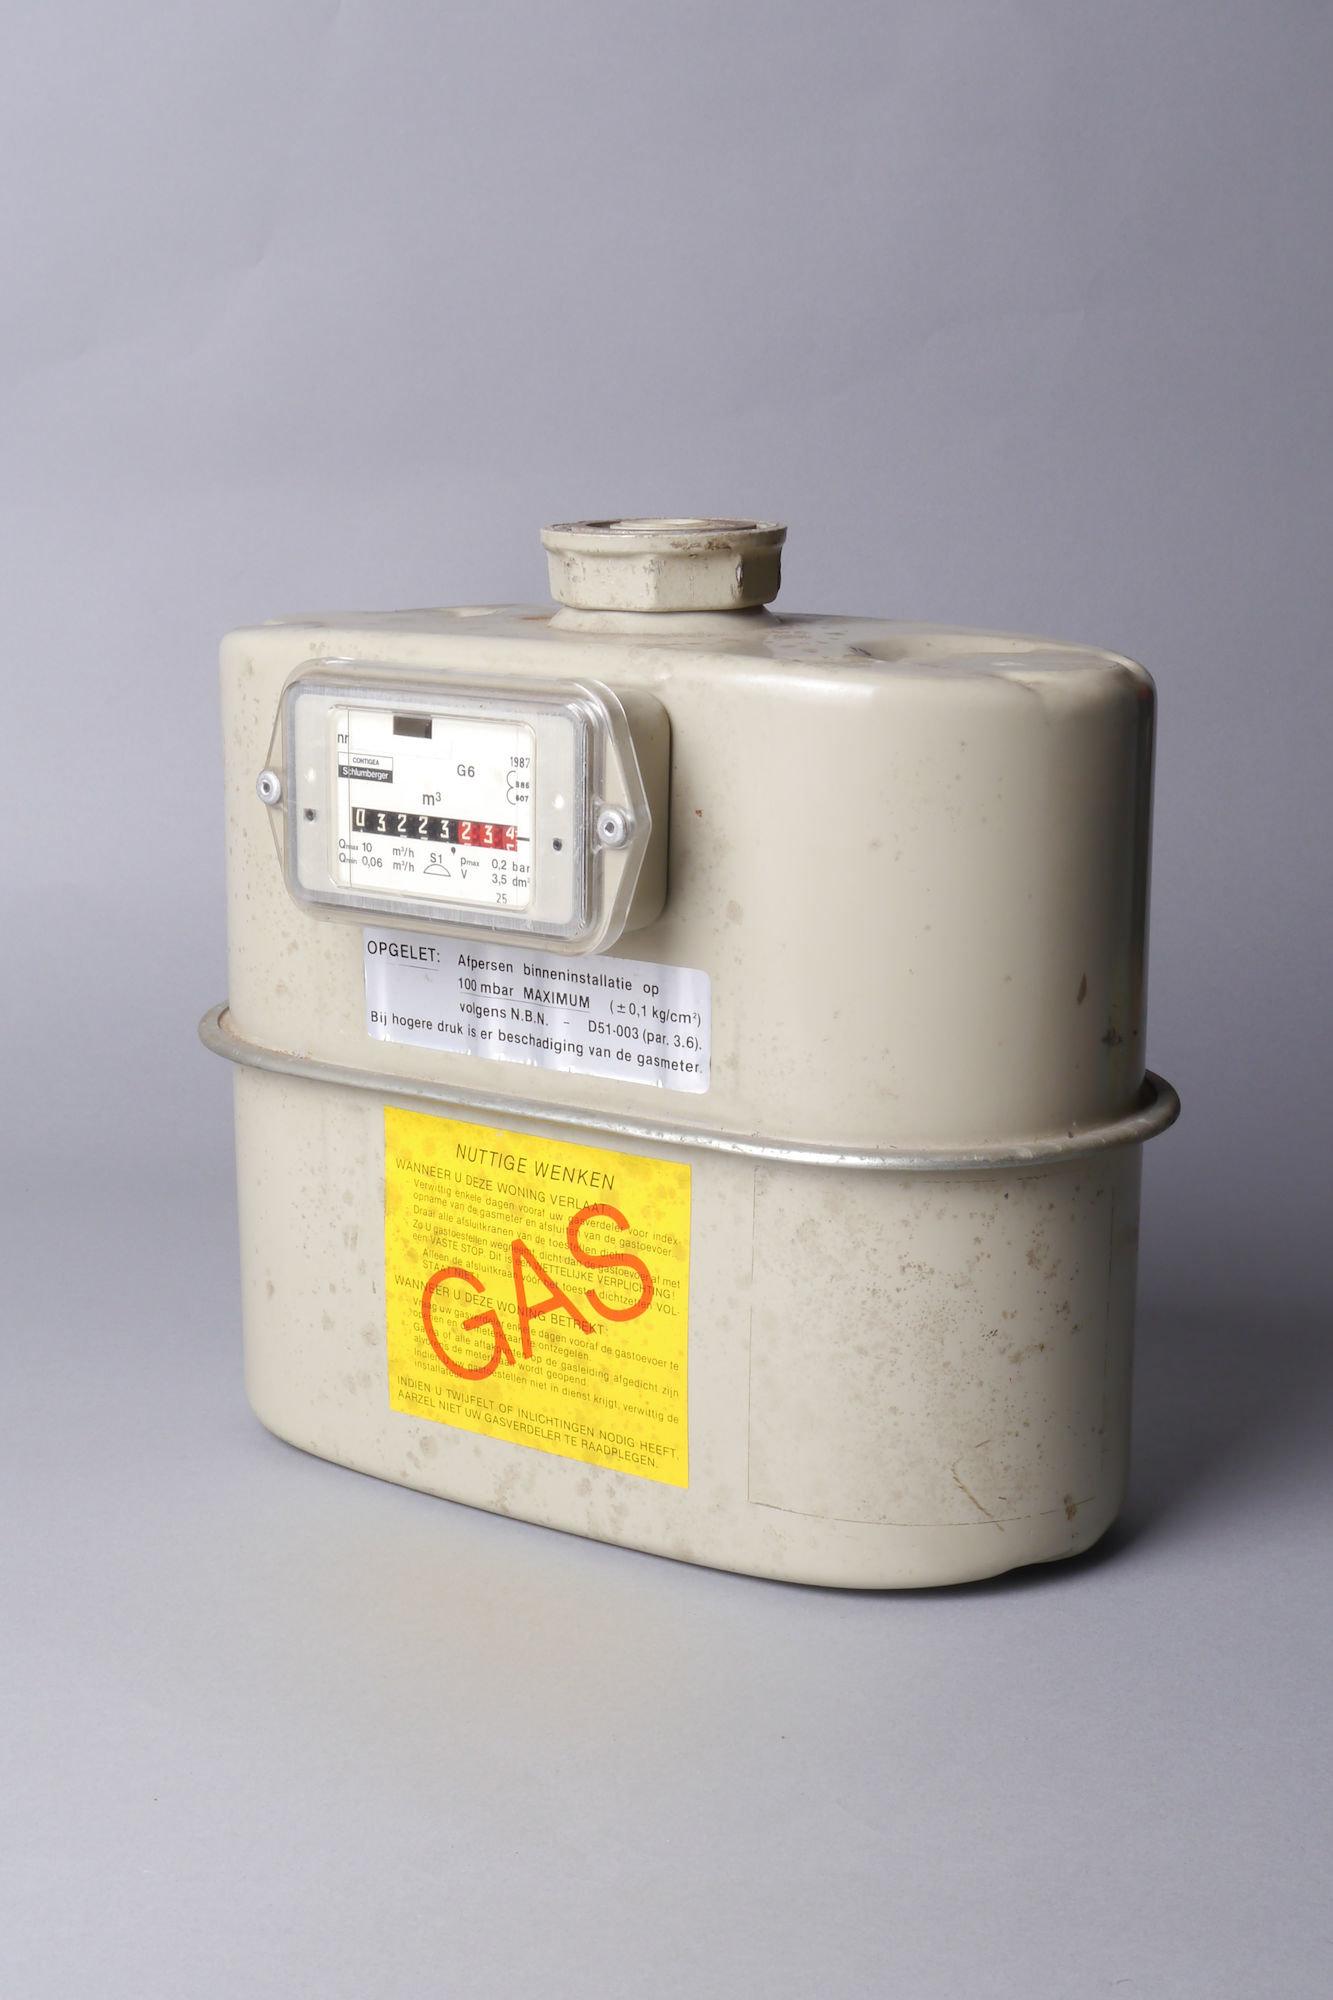 Verbruiksmeter voor gas van het merk Contigea-Schumberger